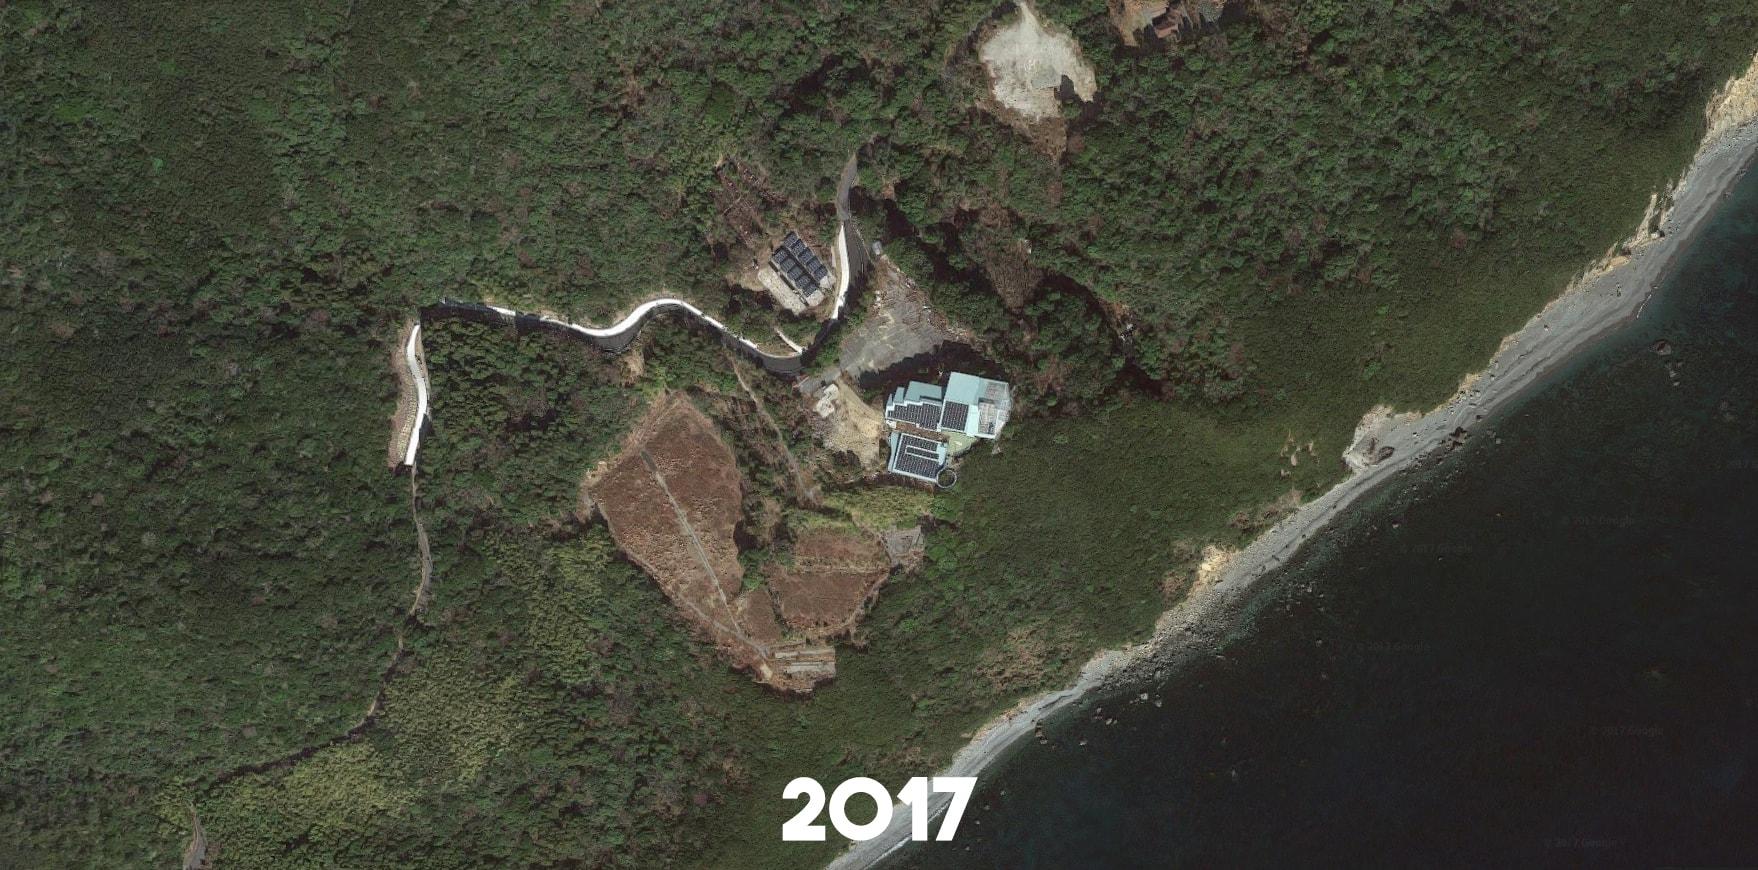 Centre de bien-être abandonnée situé au Japon | urbexsession.com/centre-de-bien-etre-takahiro-shiraishi | Urbex Japon